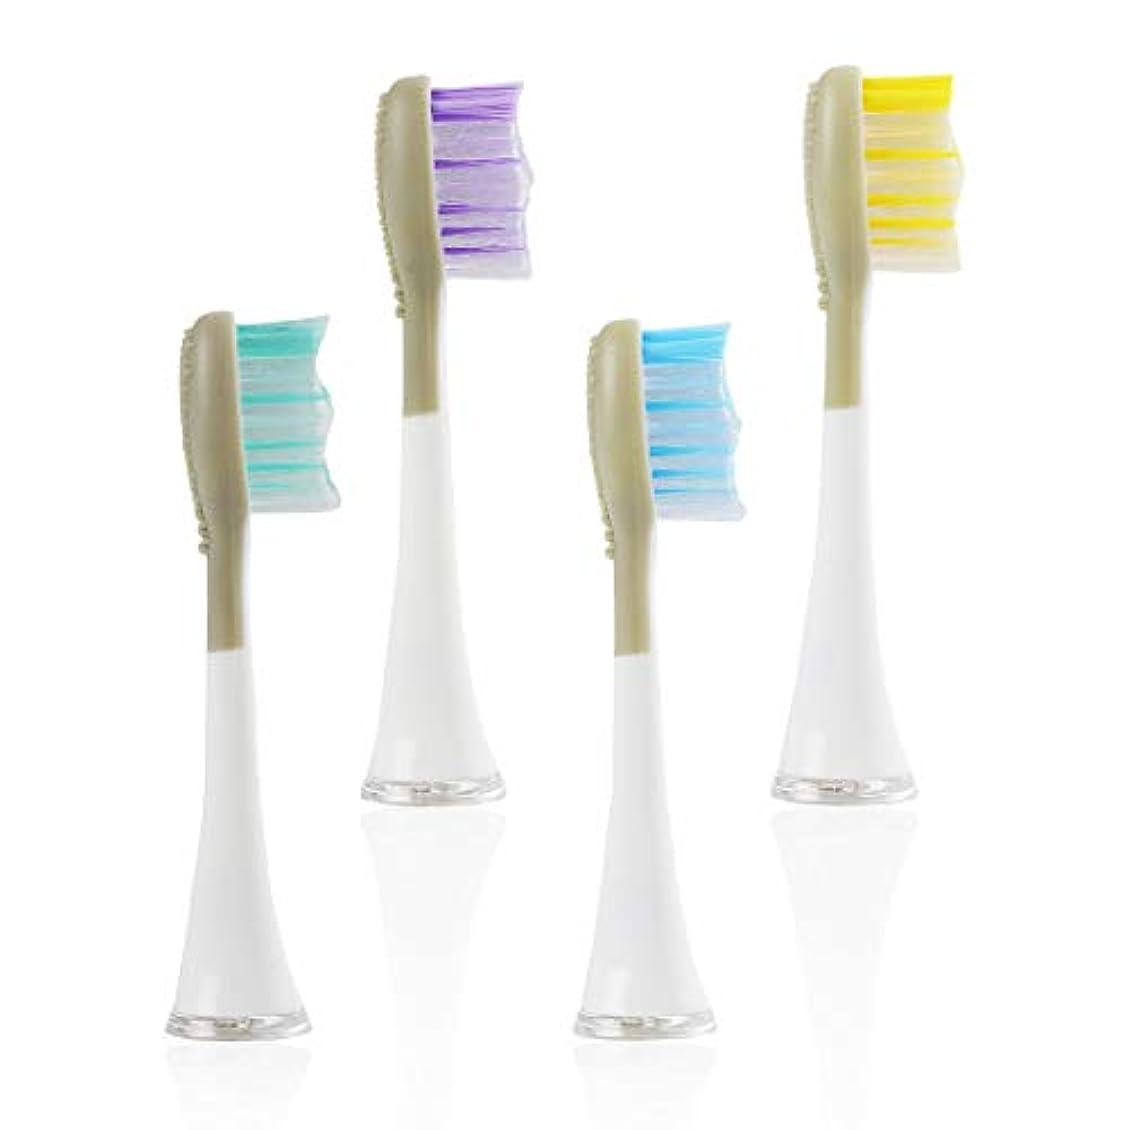 心臓チャレンジ皮肉Qurra 音波式電動歯ブラシ 替えブラシ 4本セット 舌ブラシ付き ワイヤレス充電 IPX7防水 3モード搭載 歯垢除去 ホワイトニング - 替えブラシ4本